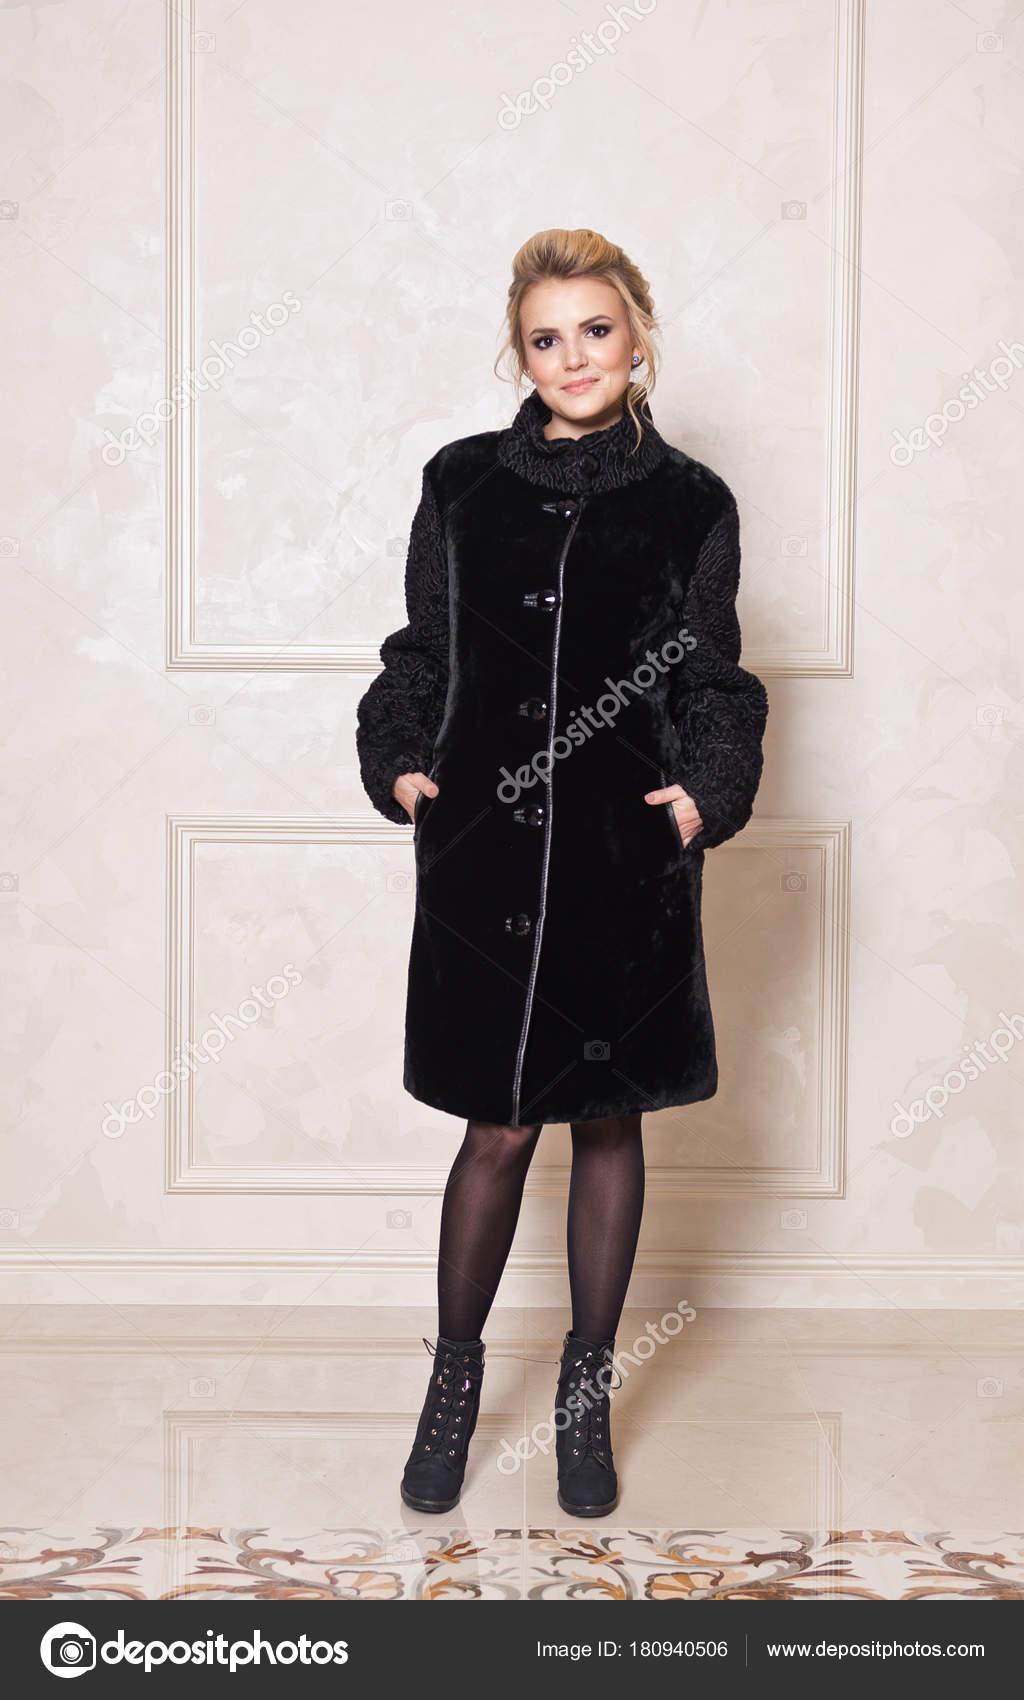 Φωτογραφίες Studio για διαφήμιση των γούνινα παλτά και παλτά ... 10007eb9528